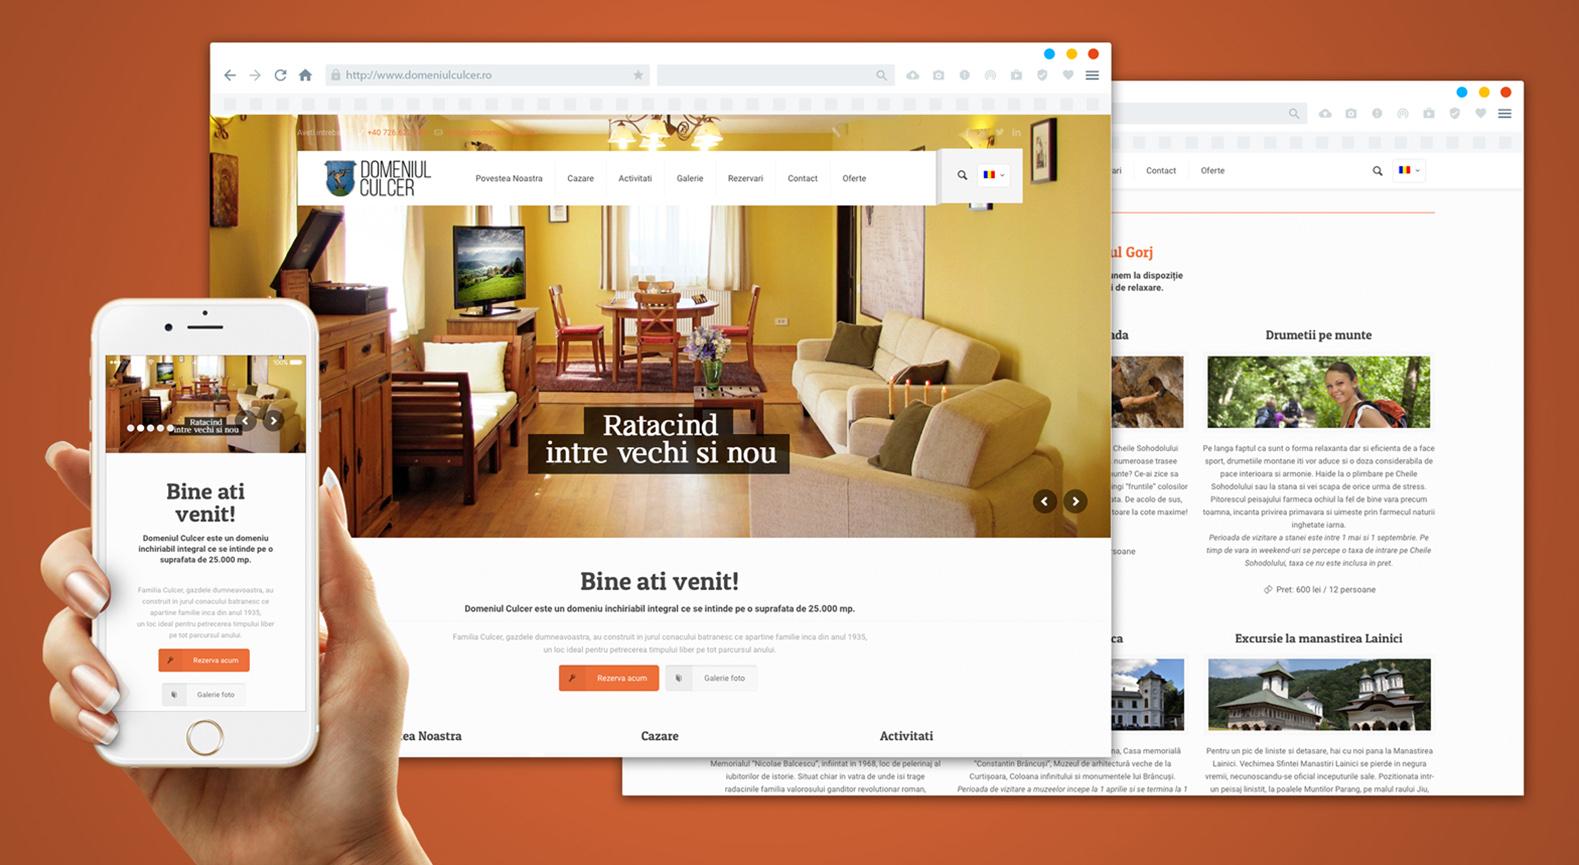 tudor_deleanu_creative_design_art_advertising_web_website__0012_Domeniul Culcer